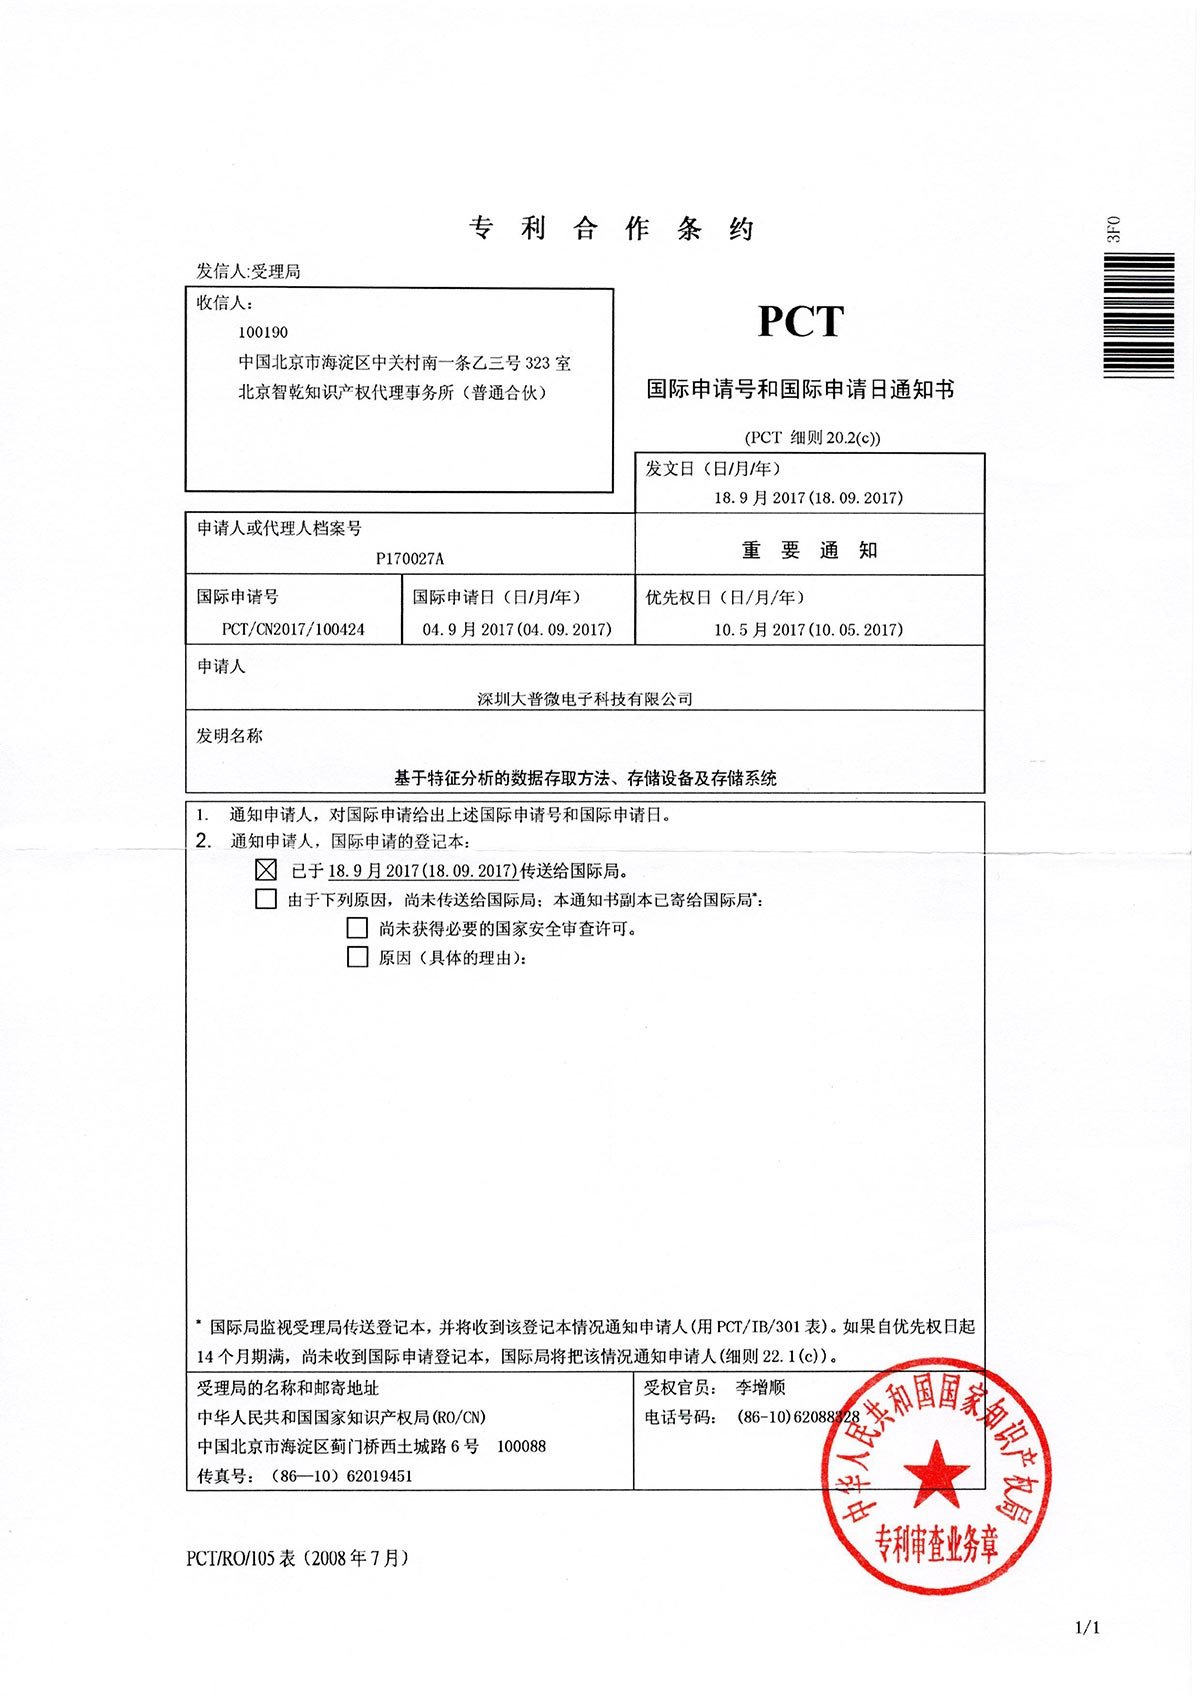 DPCT1-17005 105表 国际申请号和国际申请日通知书